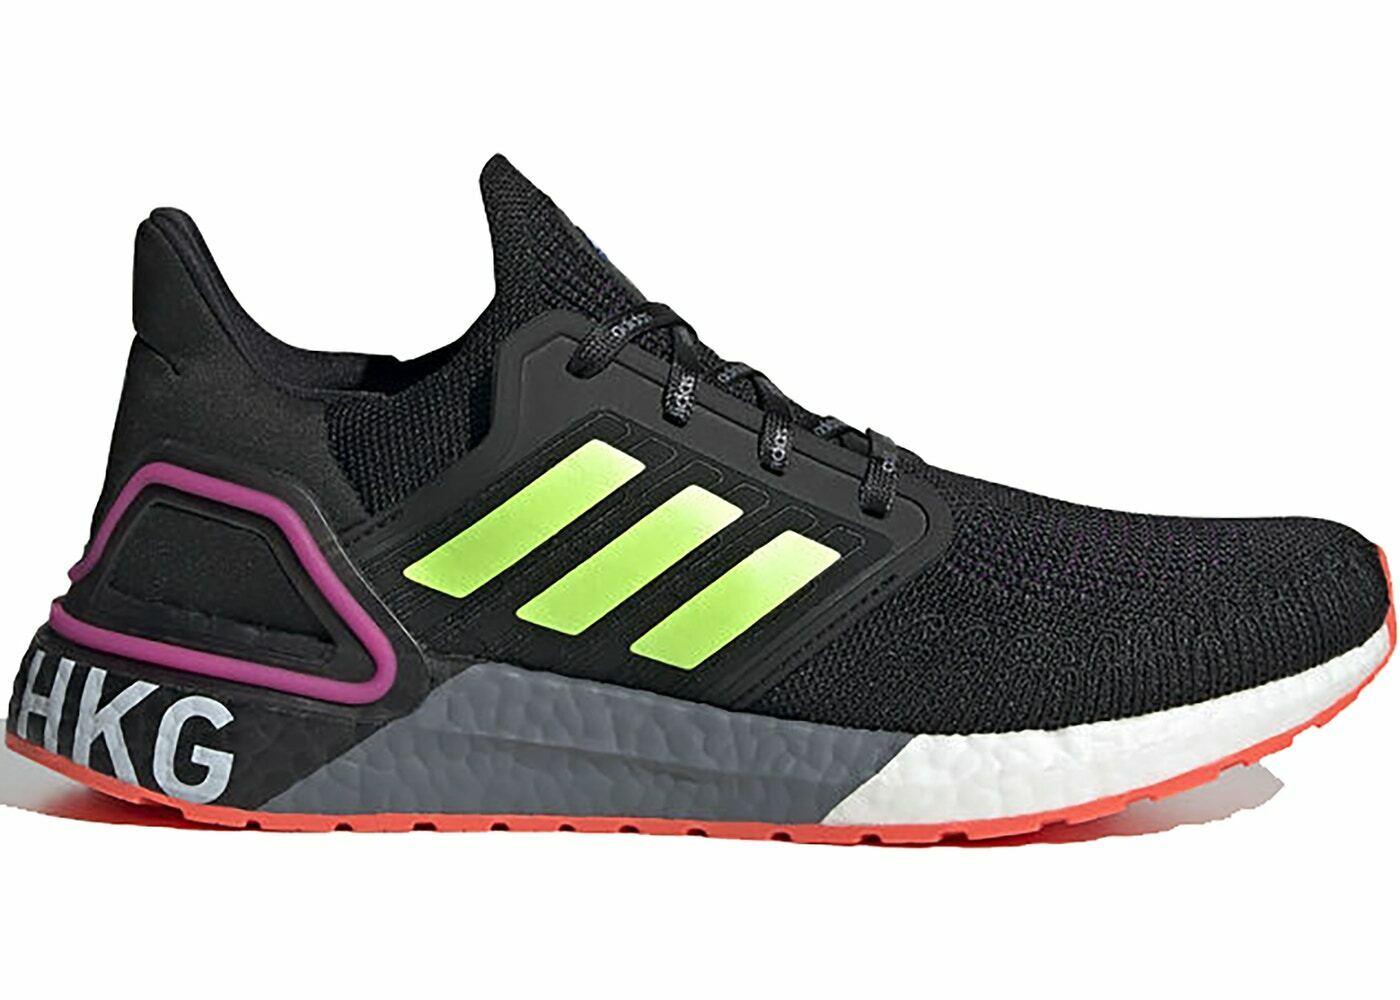 Adidas Ultra Boost 20 Hong Kong